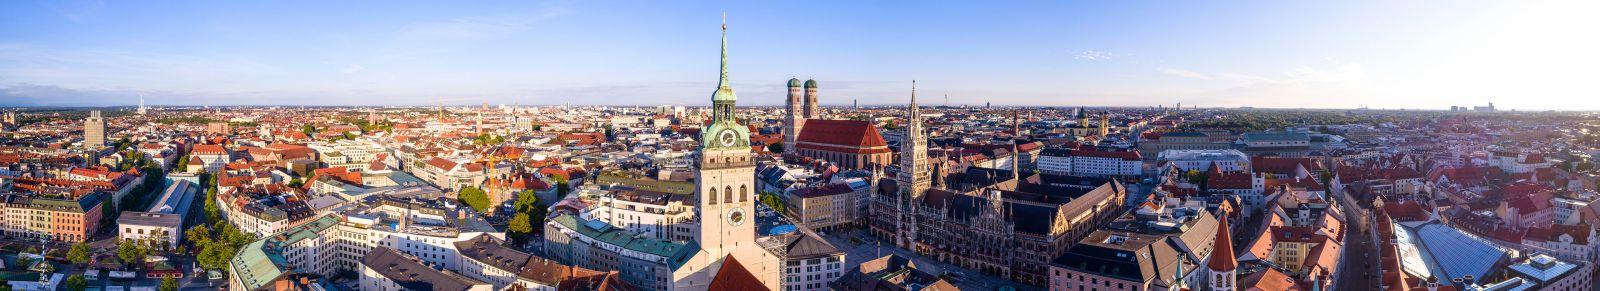 Ihr Steuerberater & Wirtschaftsprüfer in München Schwabing: Wirtschaftsprüfer in München (Schwabing West)